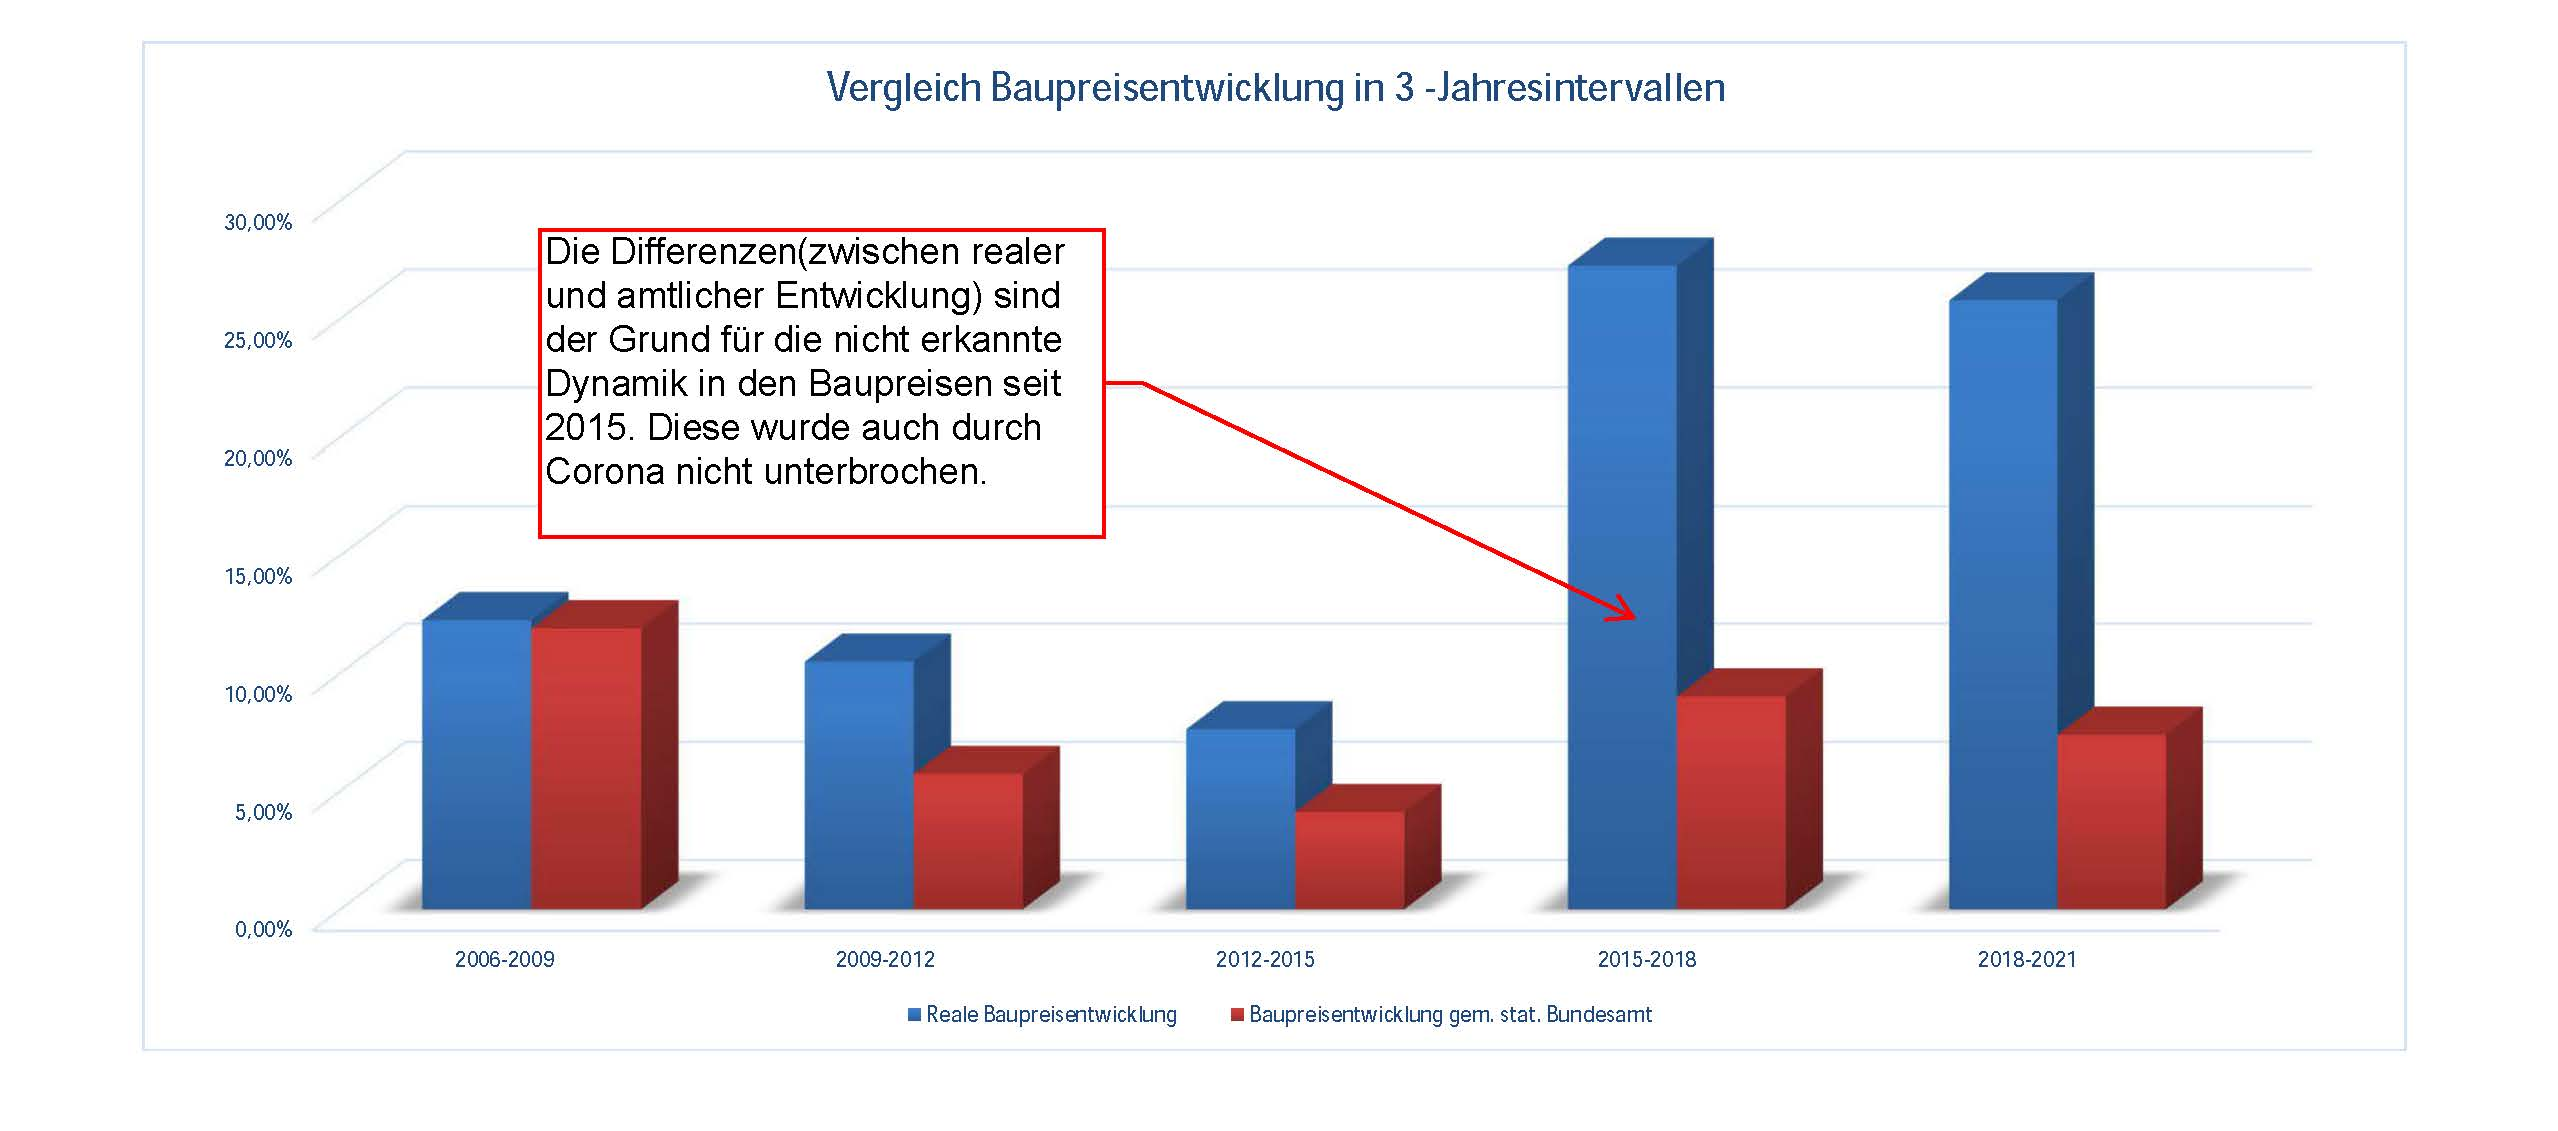 21-08-02_Vergleich Baupreise 3-Jahreszeitraum_